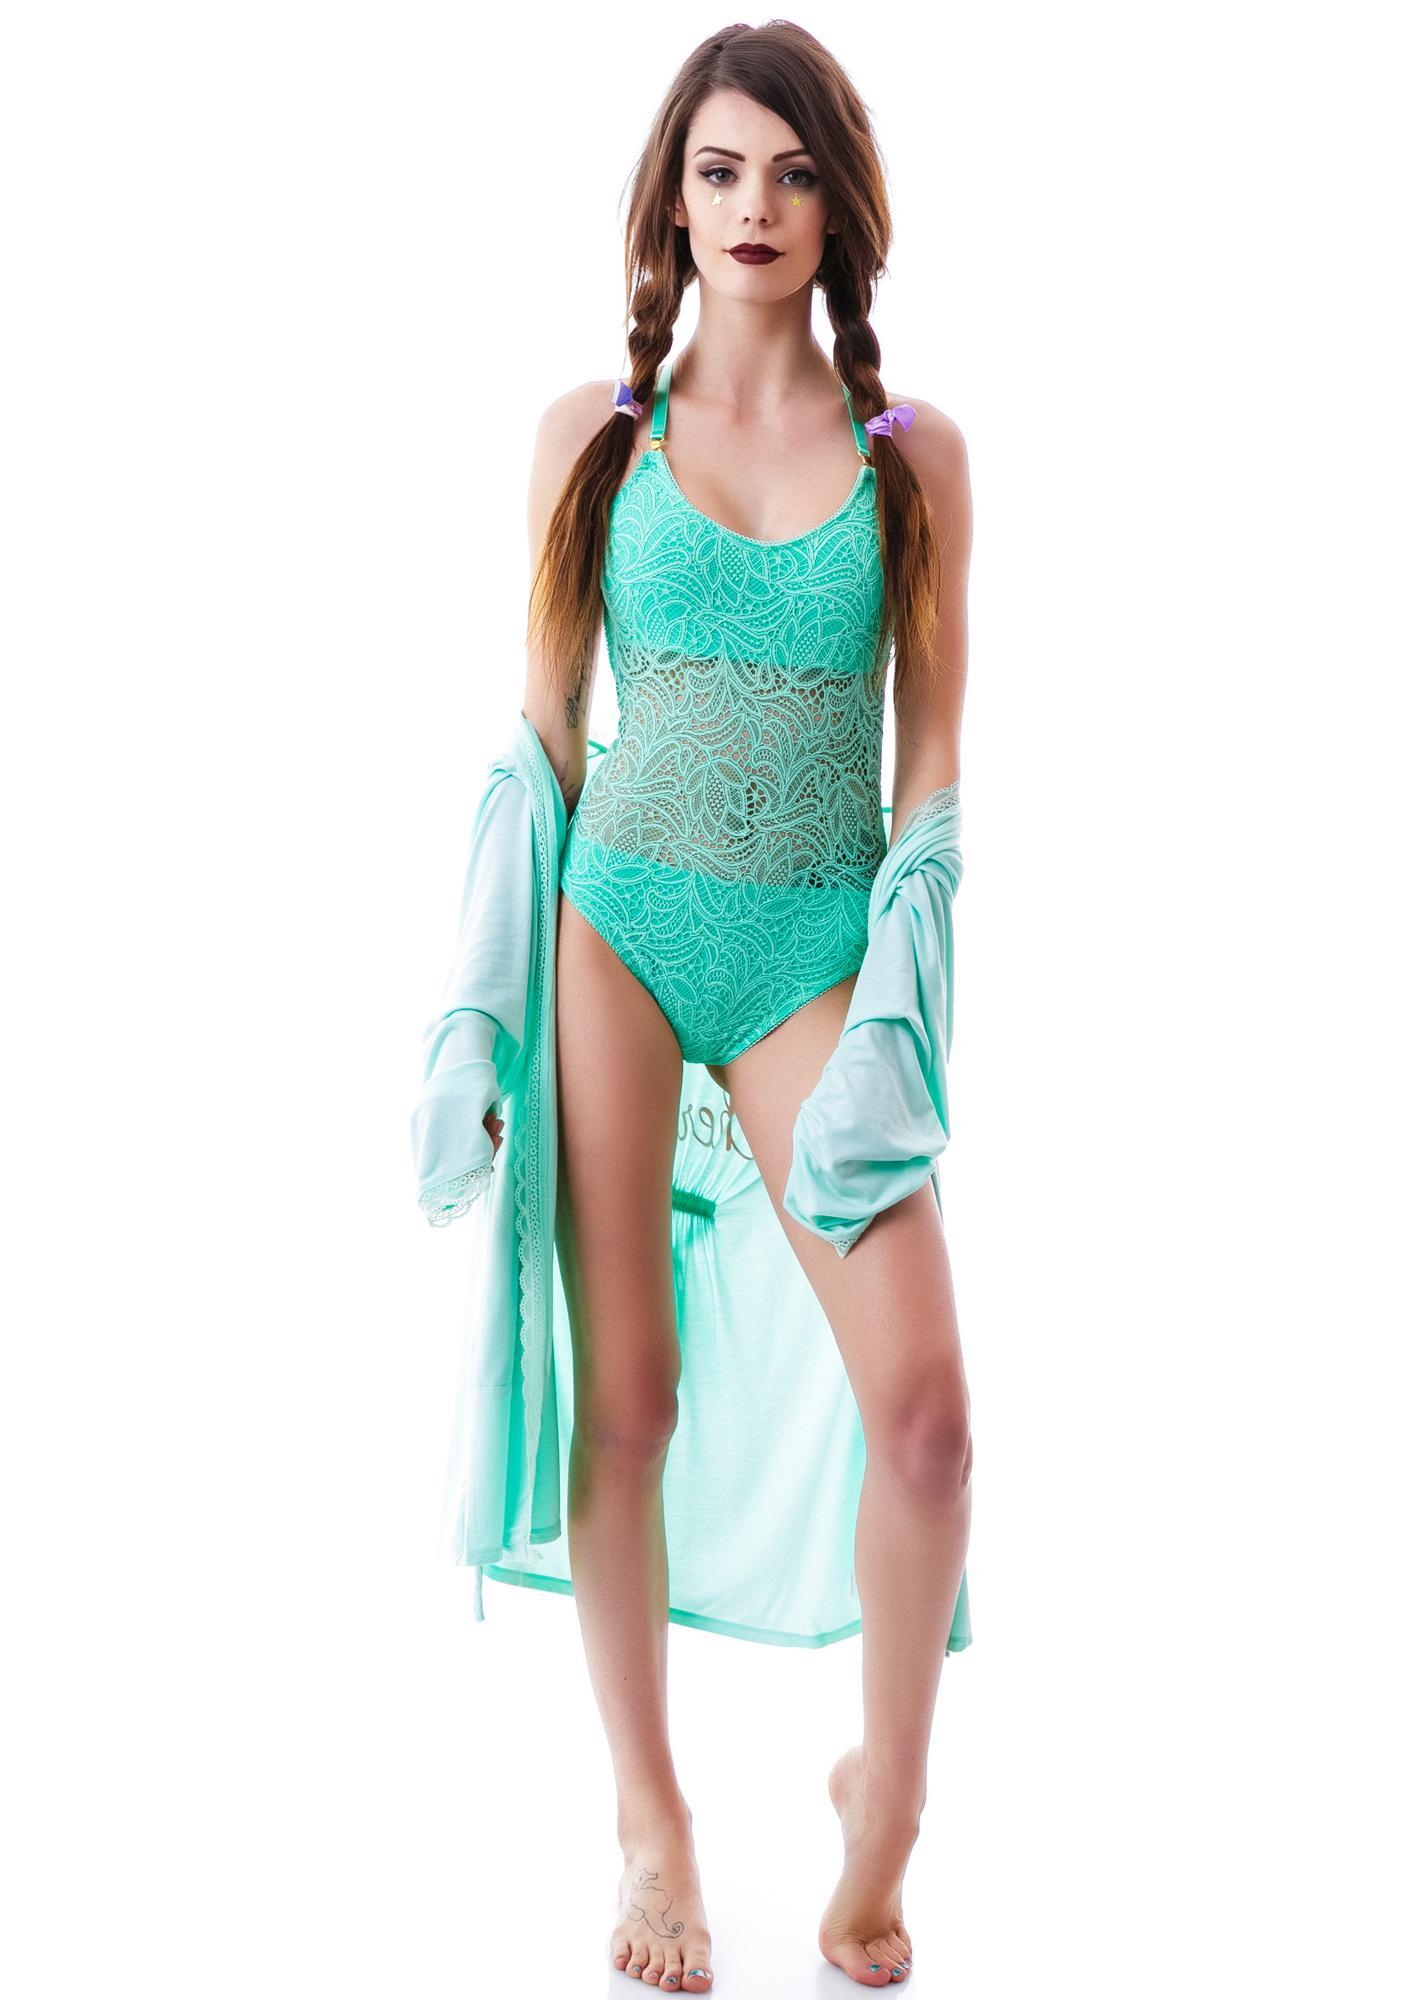 For Love & Lemons Basically Backless Lace Bodysuit